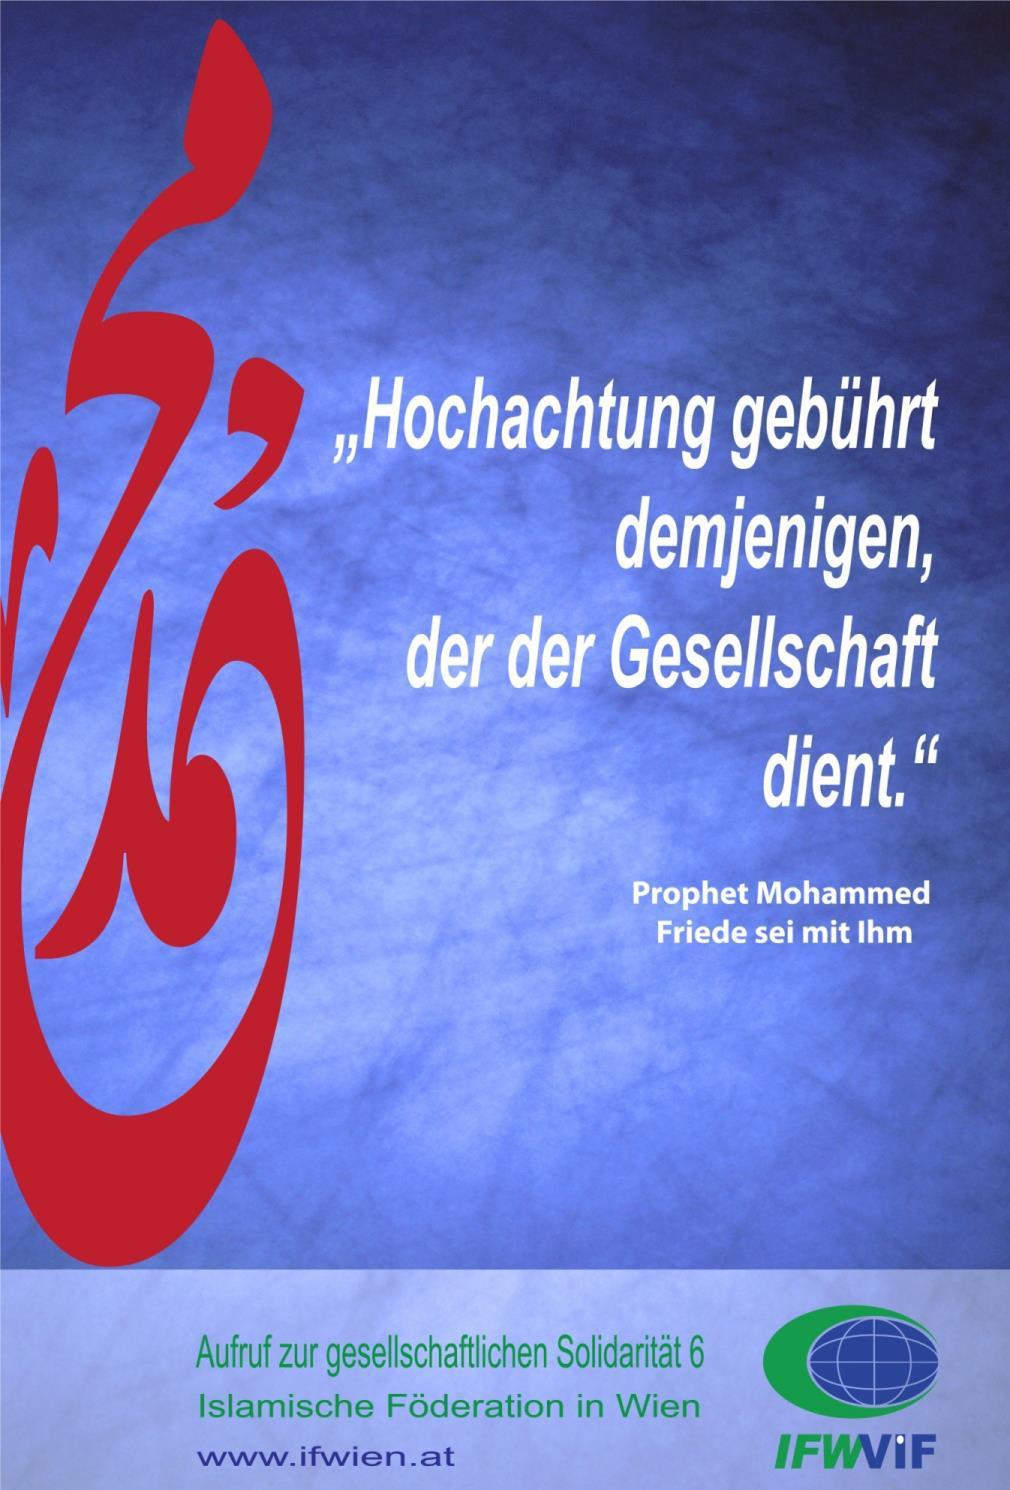 """""""Hochachtung Gebührt demjenigen, der der Gesellschaft dient."""" Prophet Mohammed (Friede sei mit ihm)"""